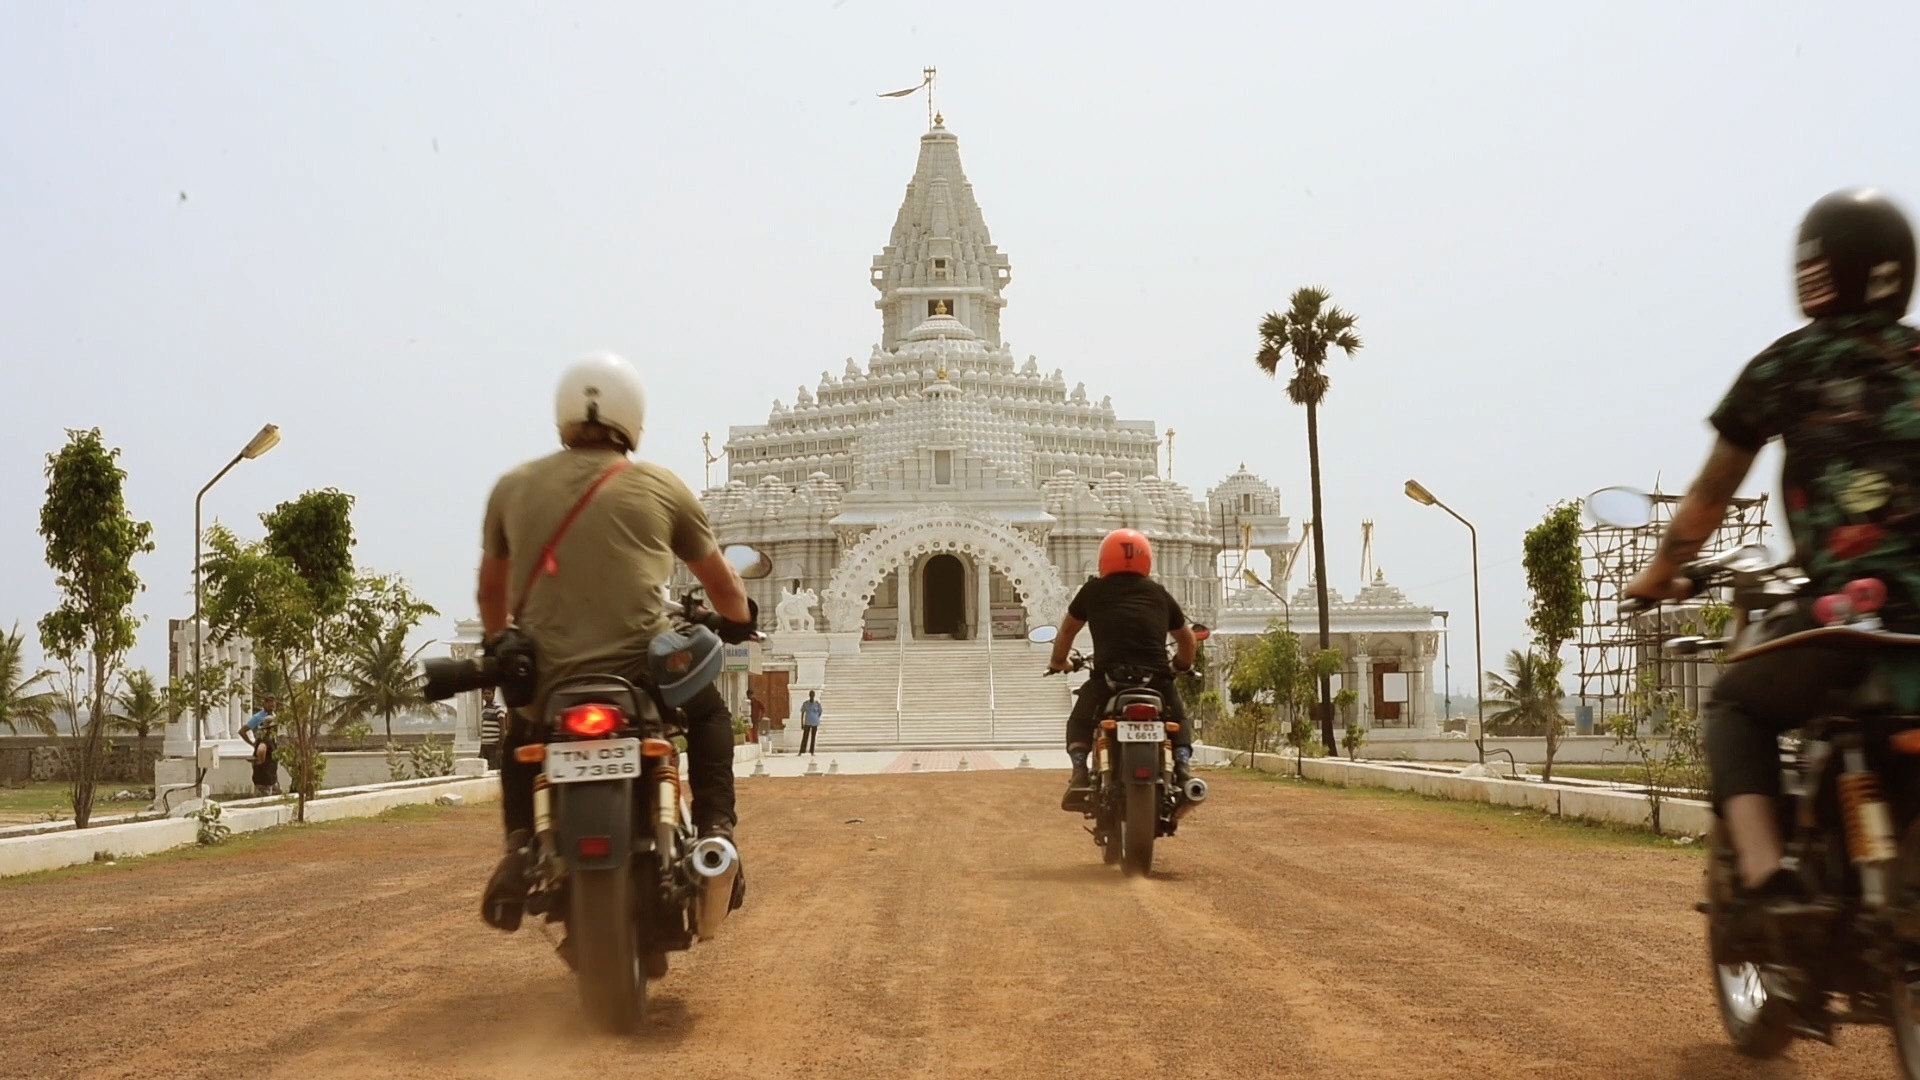 Roark Motorcycles